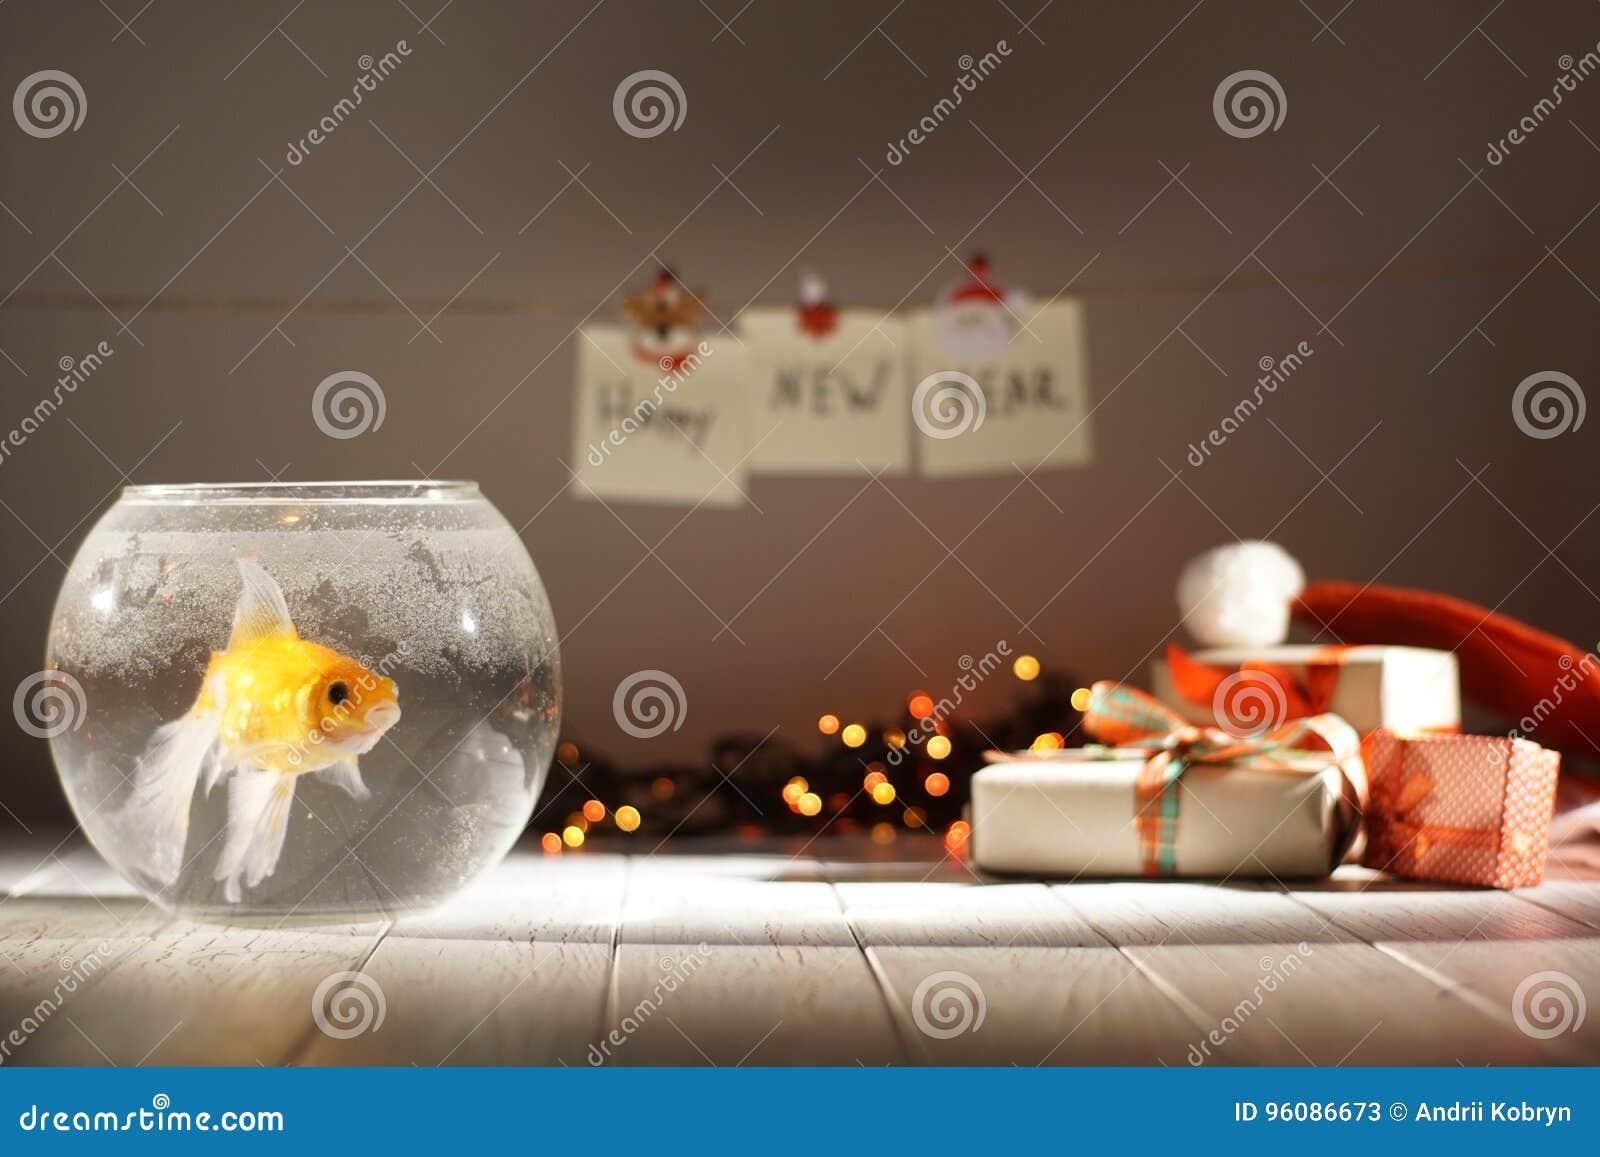 Les poissons d or dans l aquarium circulaire au fond brouillé des cadeaux de Noël, des guirlandes rougeoyantes et de la nouvelle